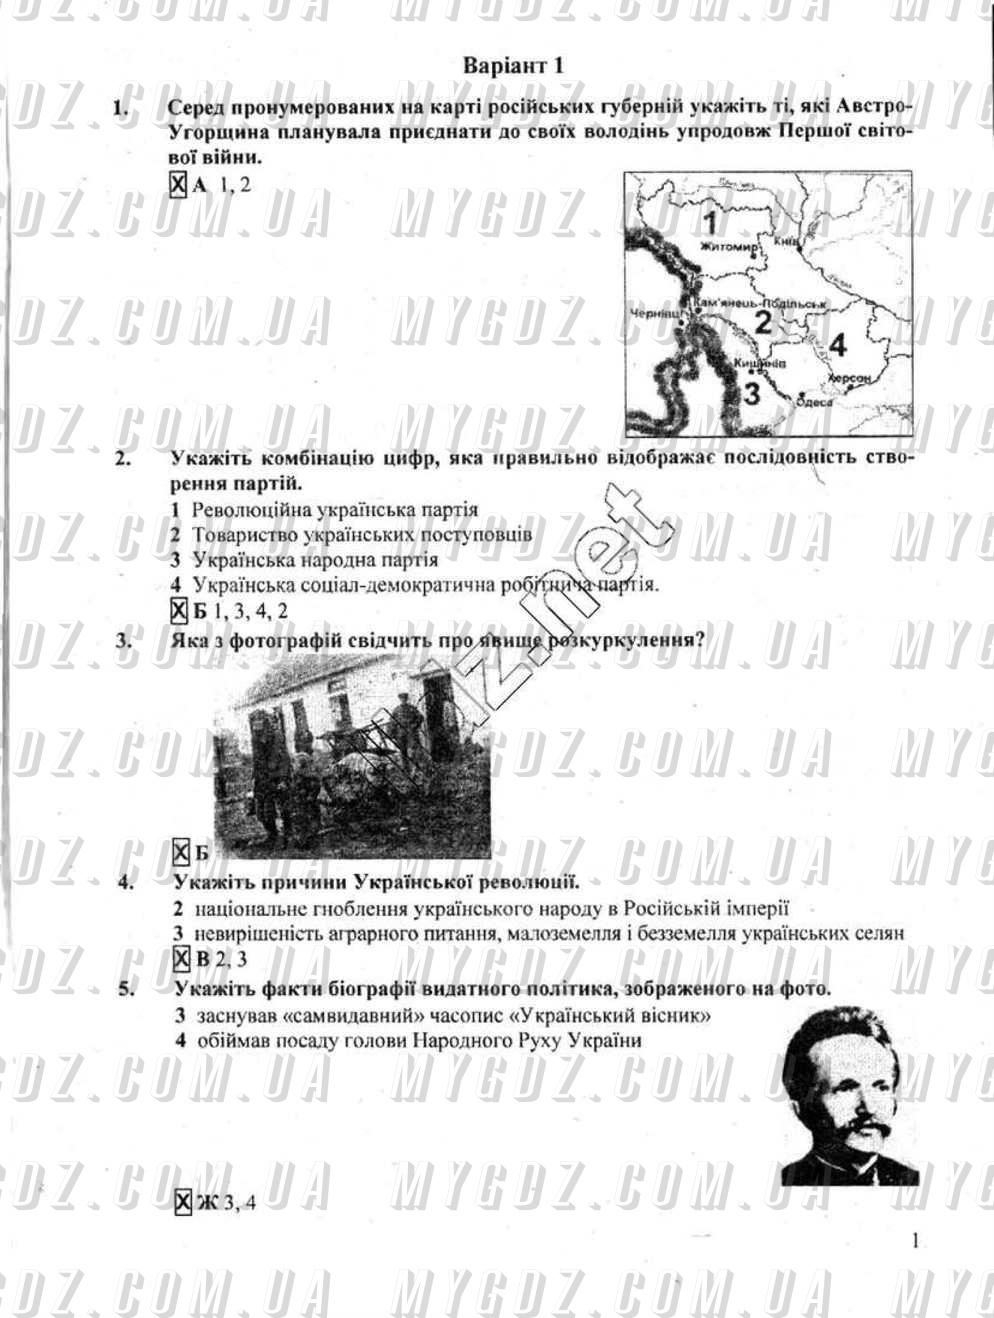 ГДЗ Сторінка 1 2015 Лебедєва 11 клас